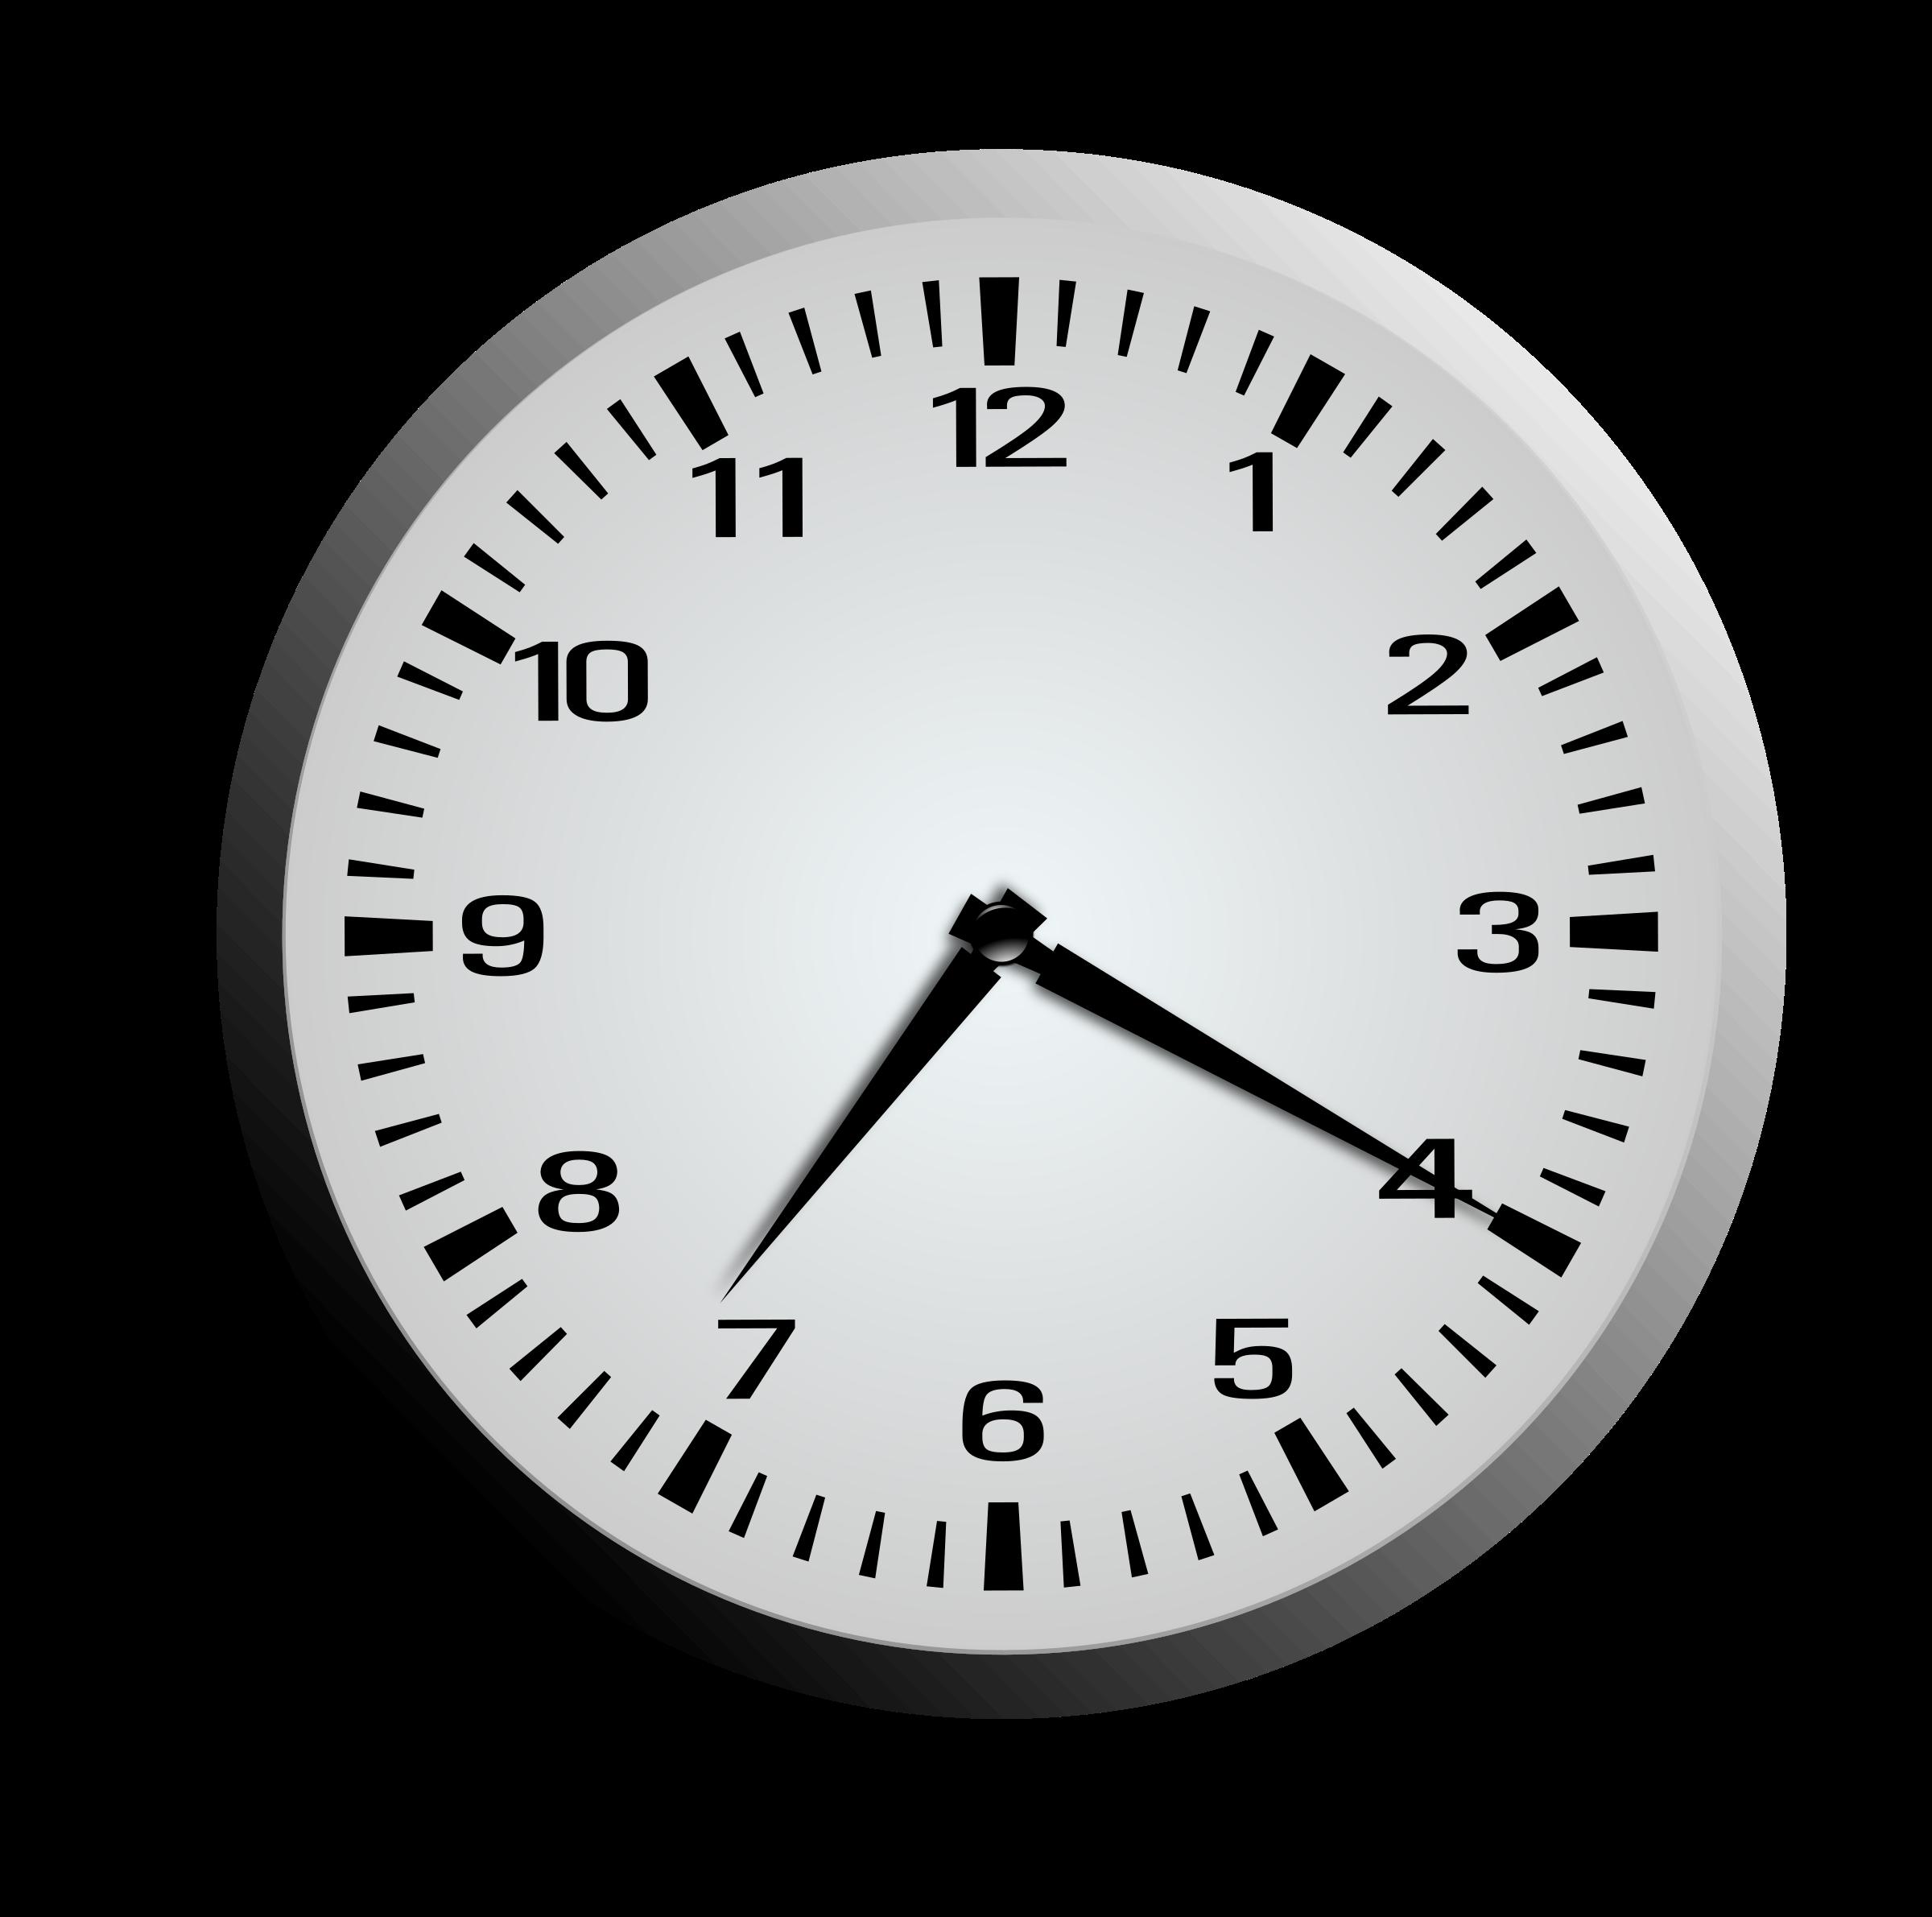 Twenty minutes after seven. Clock clipart 7 o clock